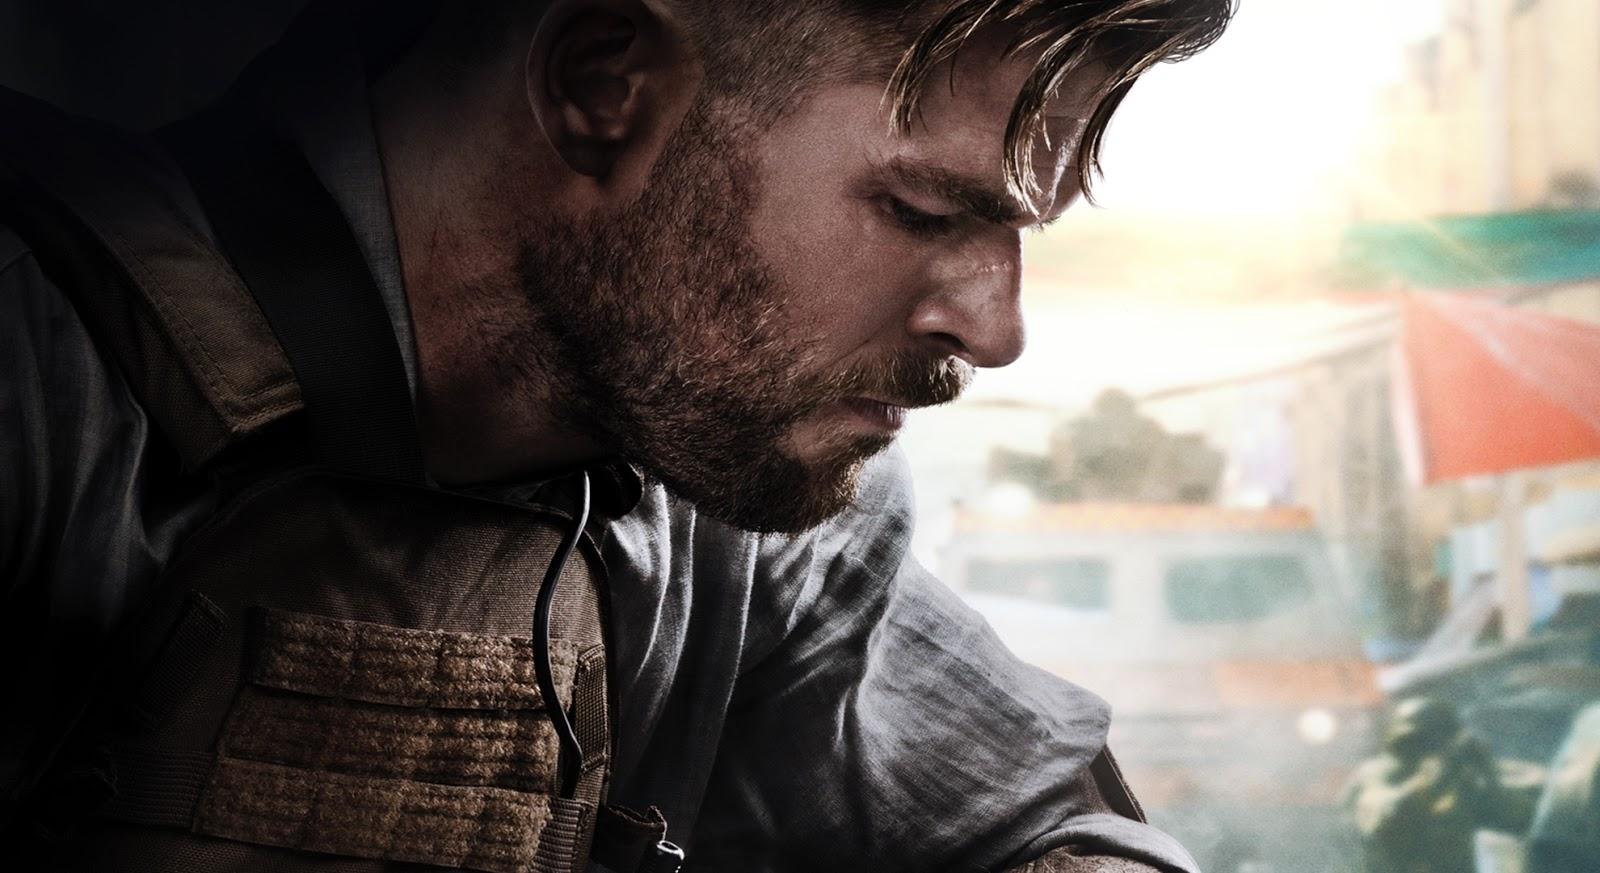 Em vídeo inédito, Chris Hemsworth revela bastidores de ação em Resgate